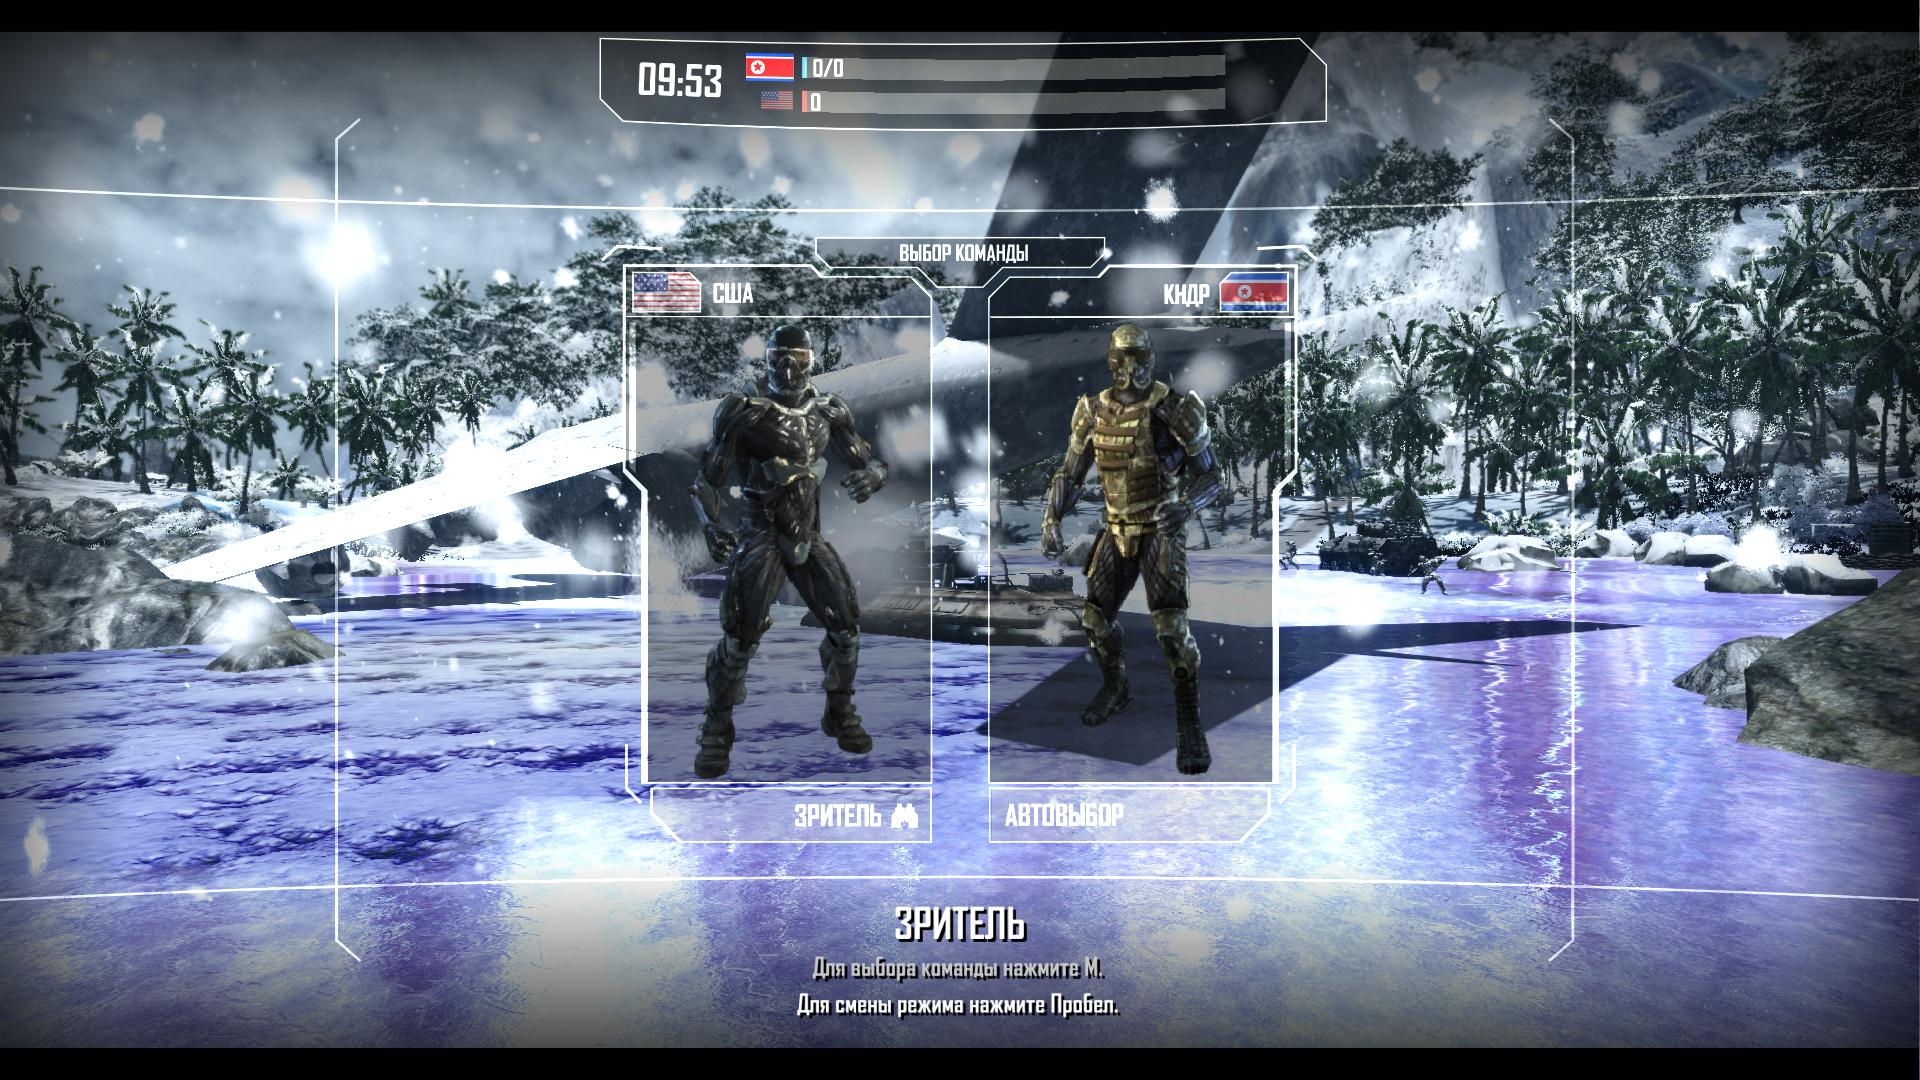 Crysis 2017 05 15 16 47 45 907